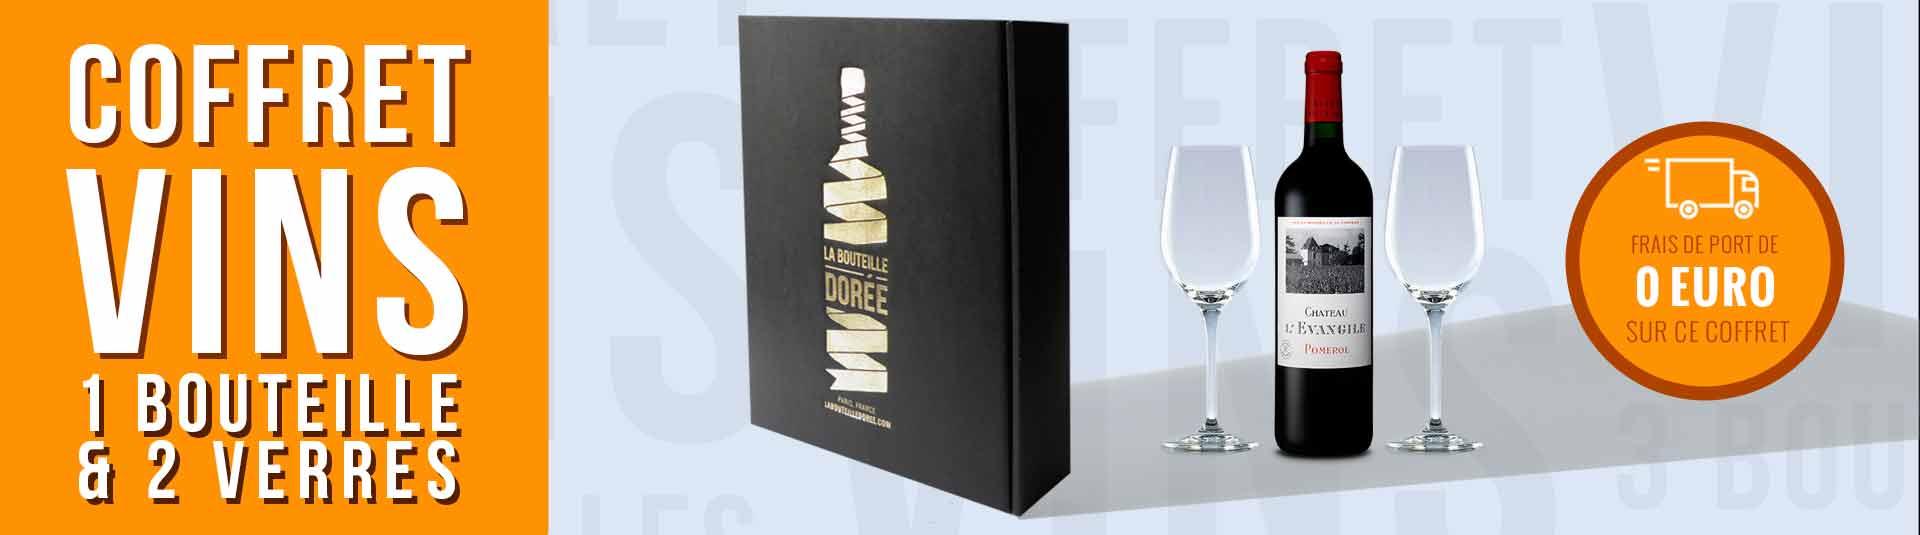 Coffret vin Pomerol et 2 verres de dégustation